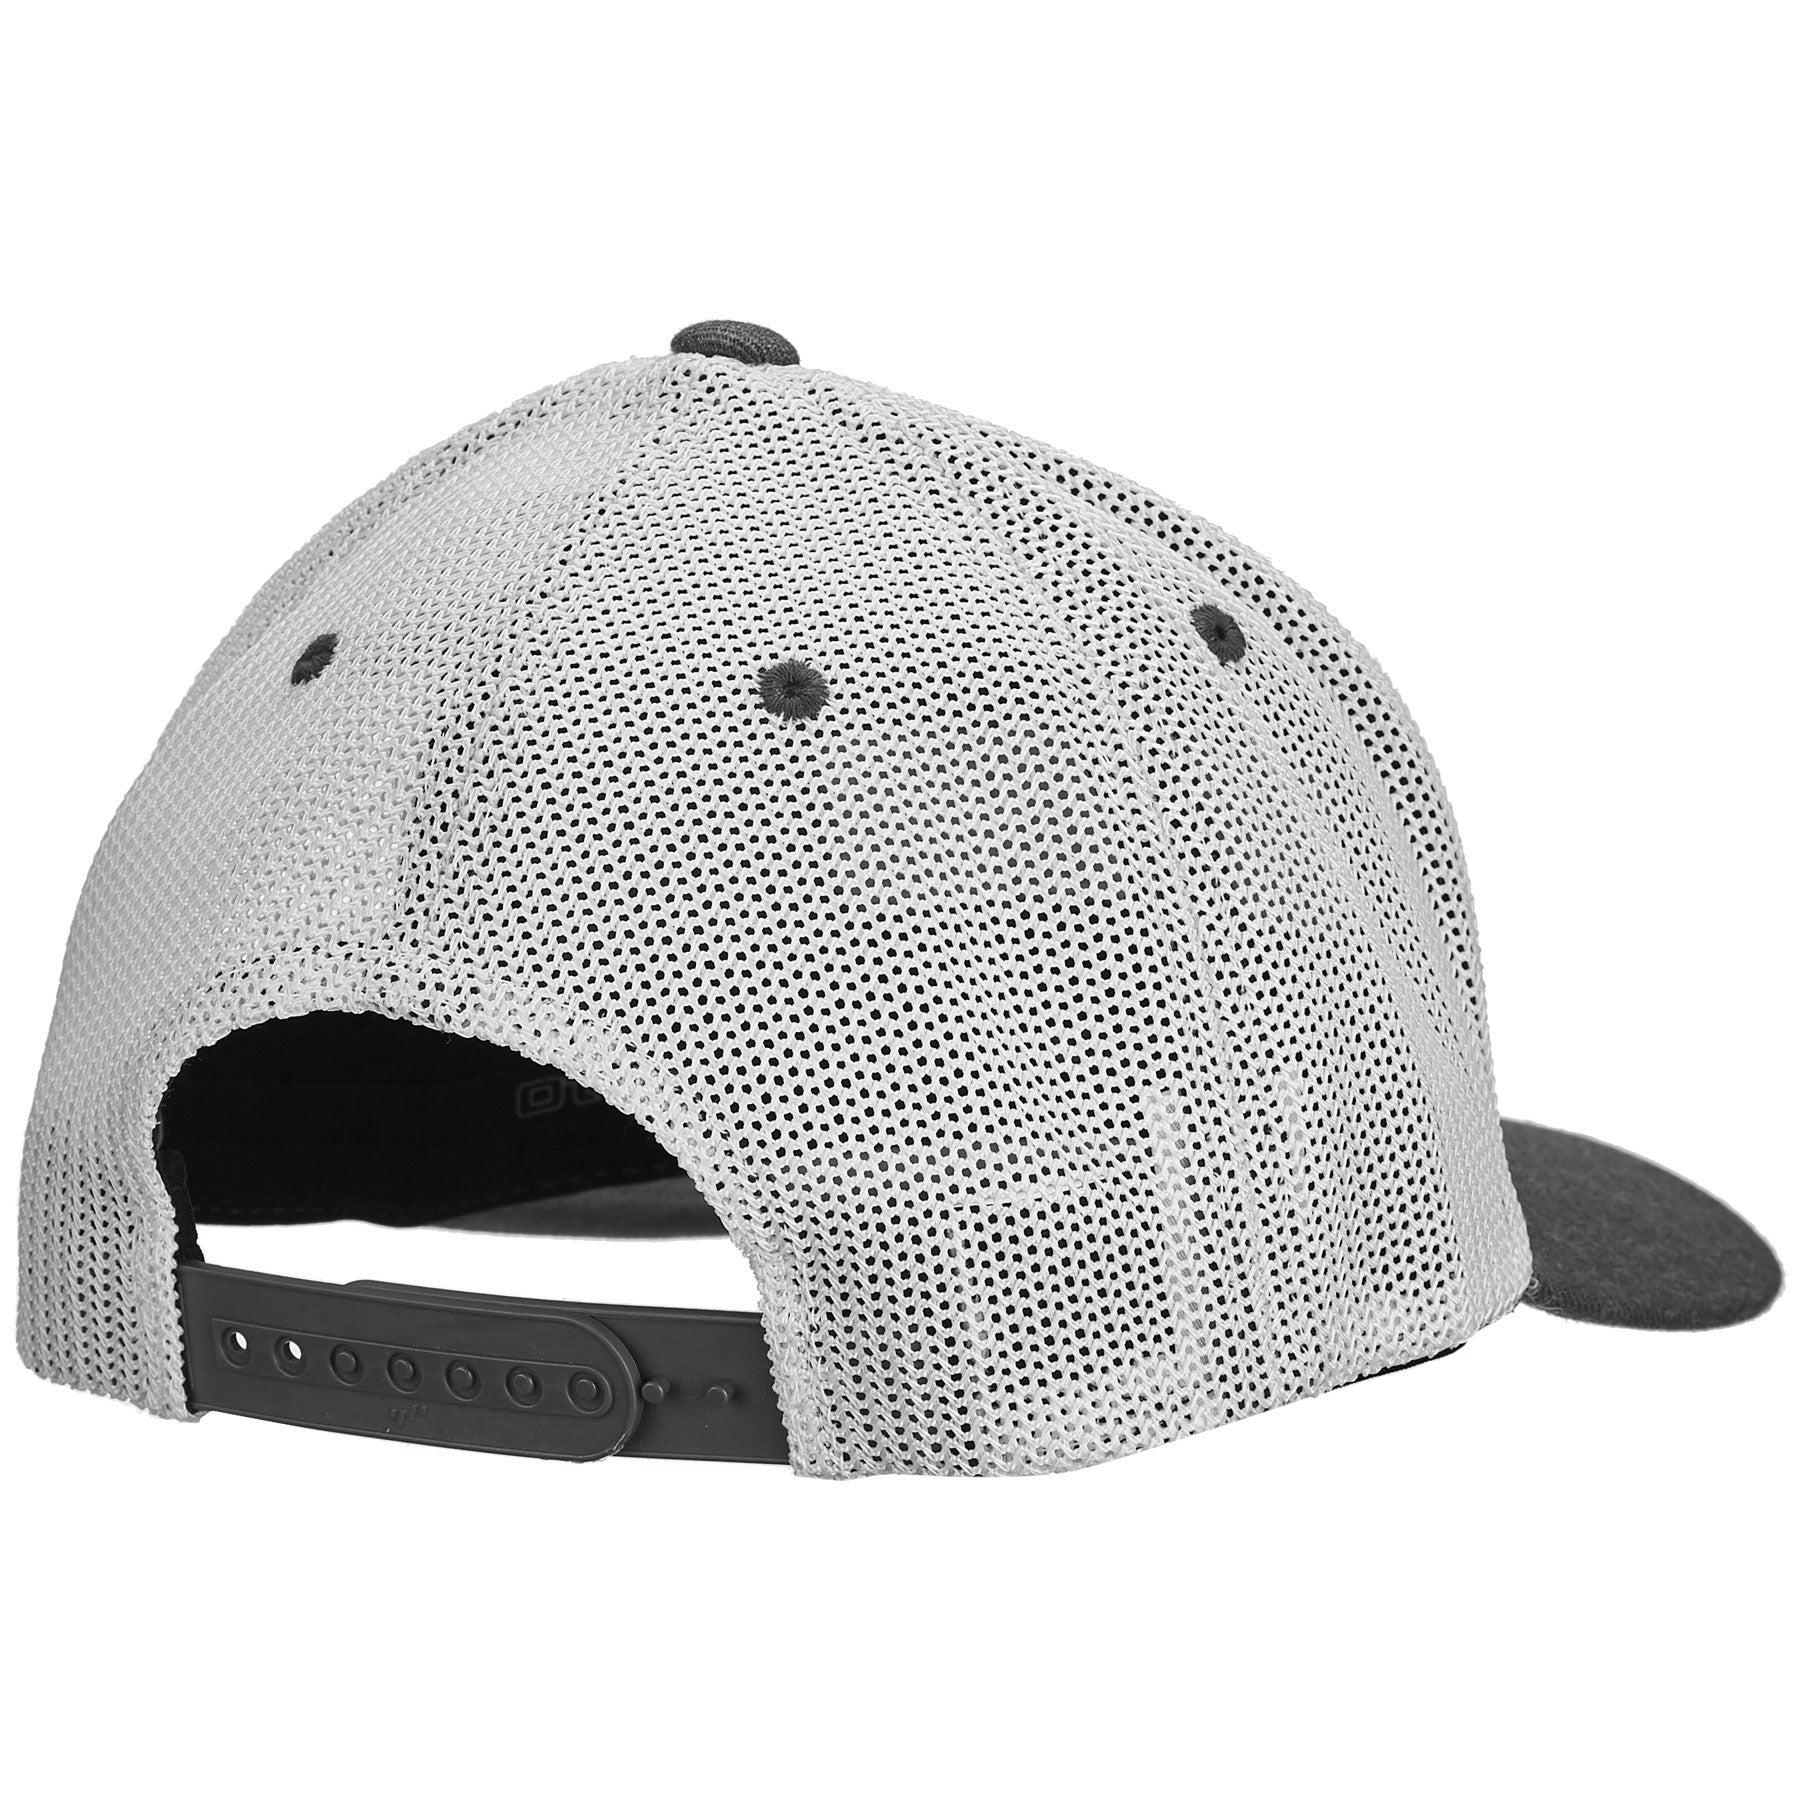 d53d0a037d965 ... new zealand ariat mens flexfit 110 structured cap hat. view large a06fc  8a8c0 ...